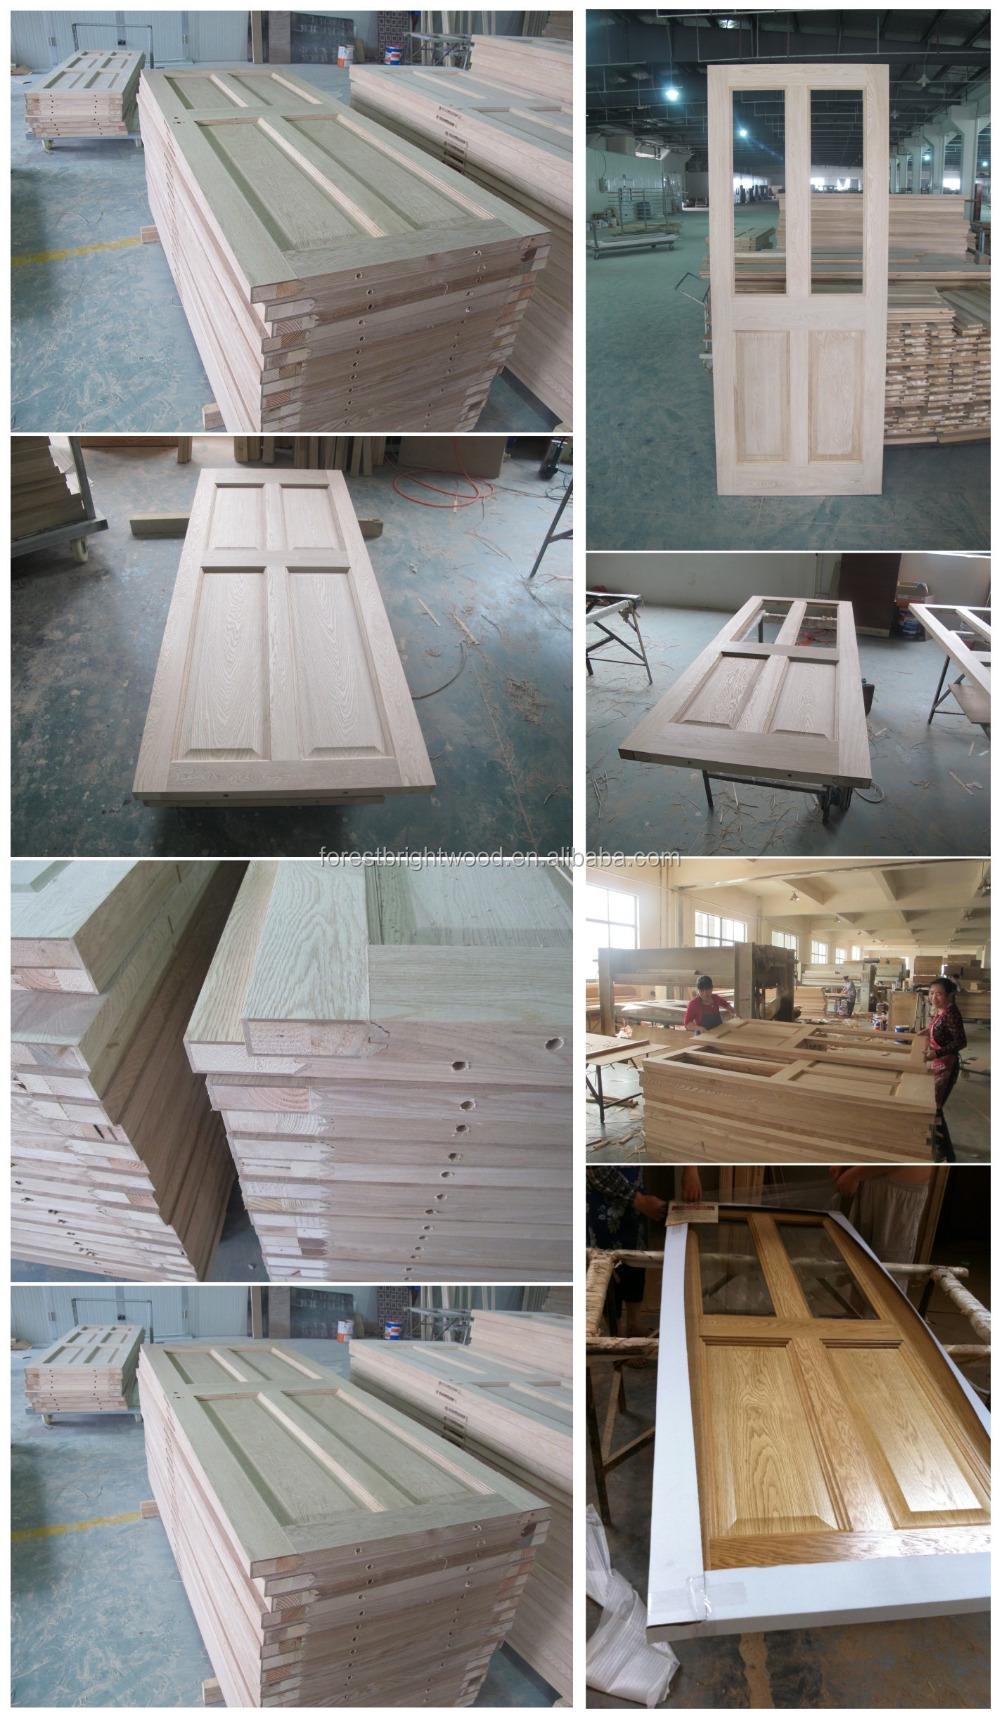 10 lite insert en verre bois de porte int rieure fen tre for Modele de porte interieure en verre